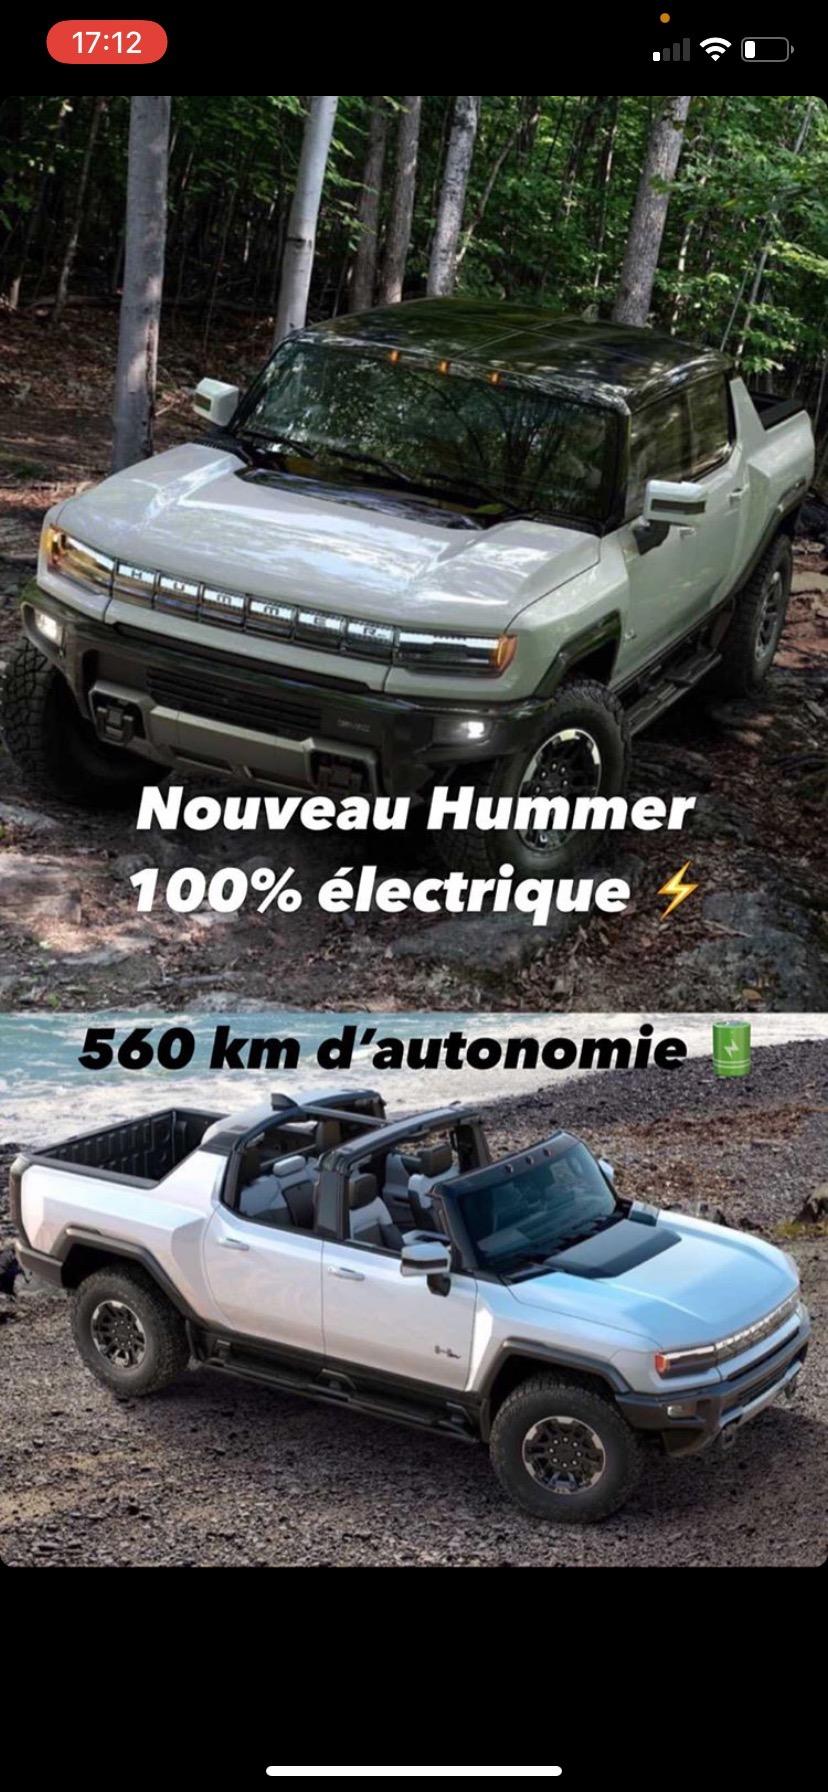 Voilà le nouveau Hummer est arrivé ; GM dévoile le Hummer EV en tant que `` premier supertruck au monde '' pour 112600 $ à partir de 2021 Img_2630